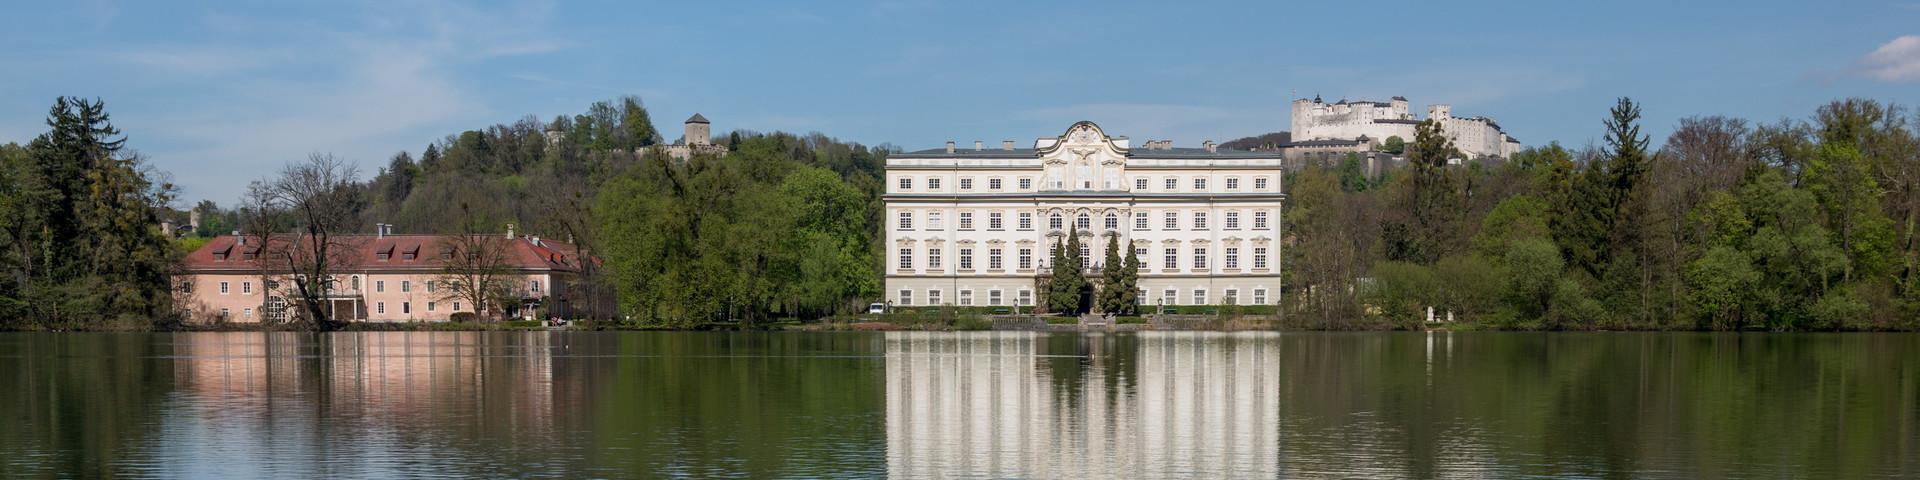 Hotel Schloss Leopoldskron - Aussenansicht © Hotel Schloss Leopoldskron